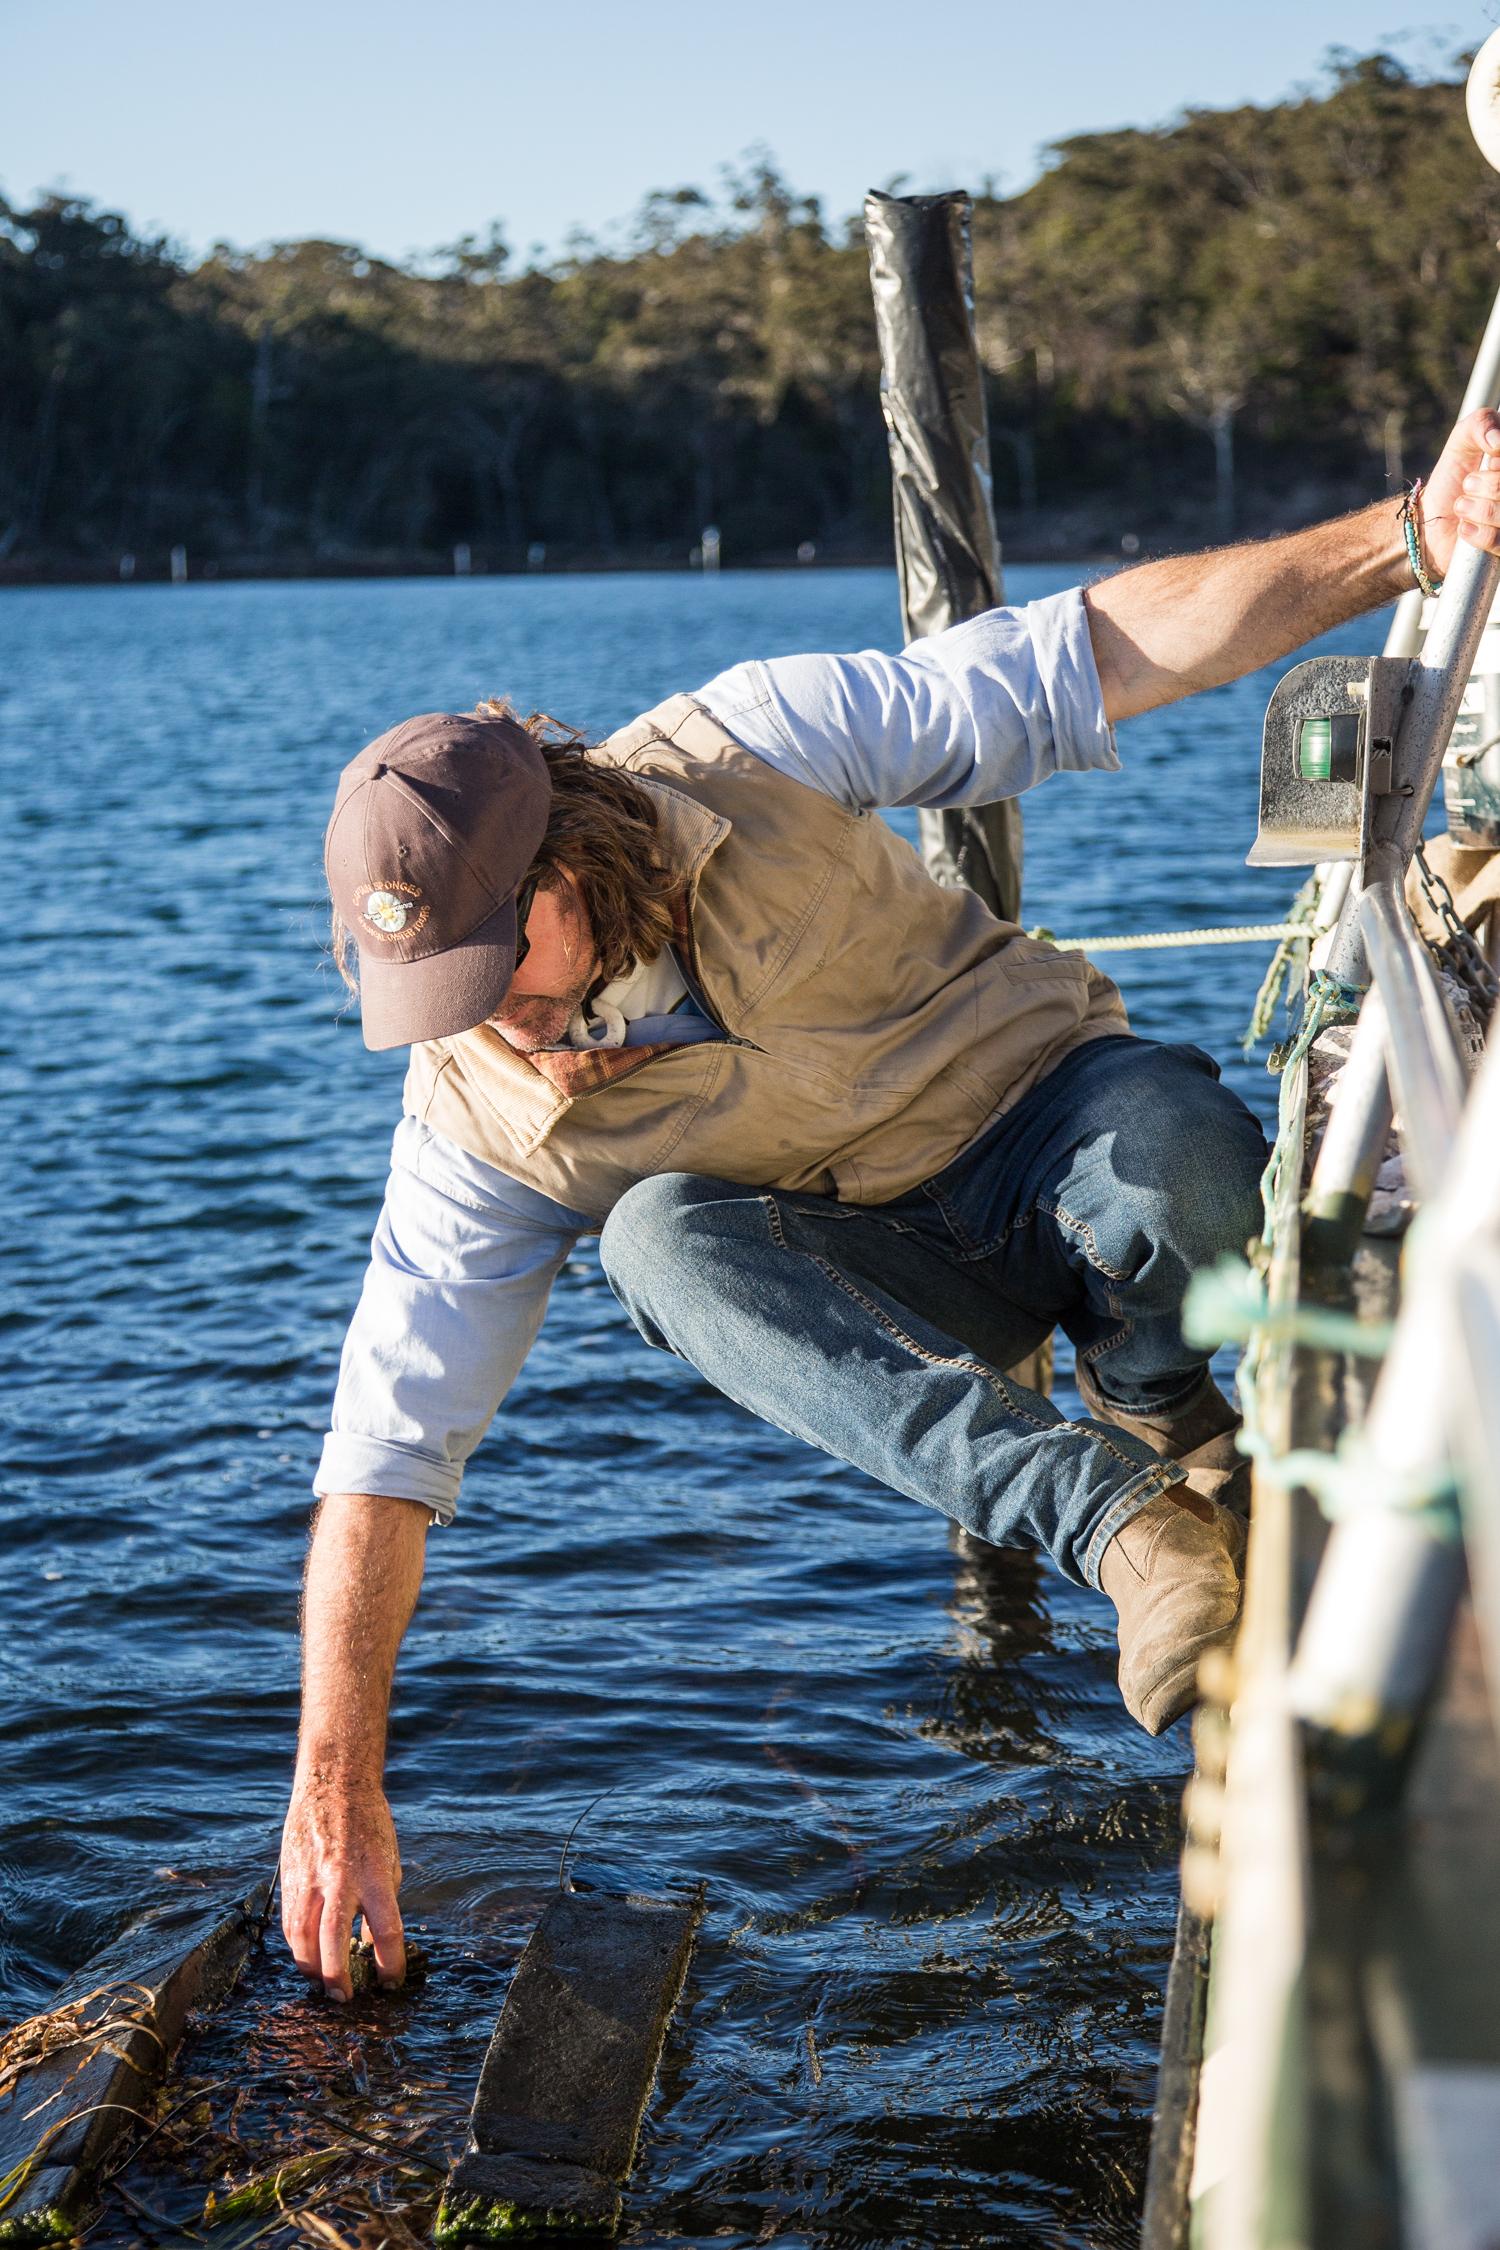 Captain Sponge's Oyster Farm - Destination NSW